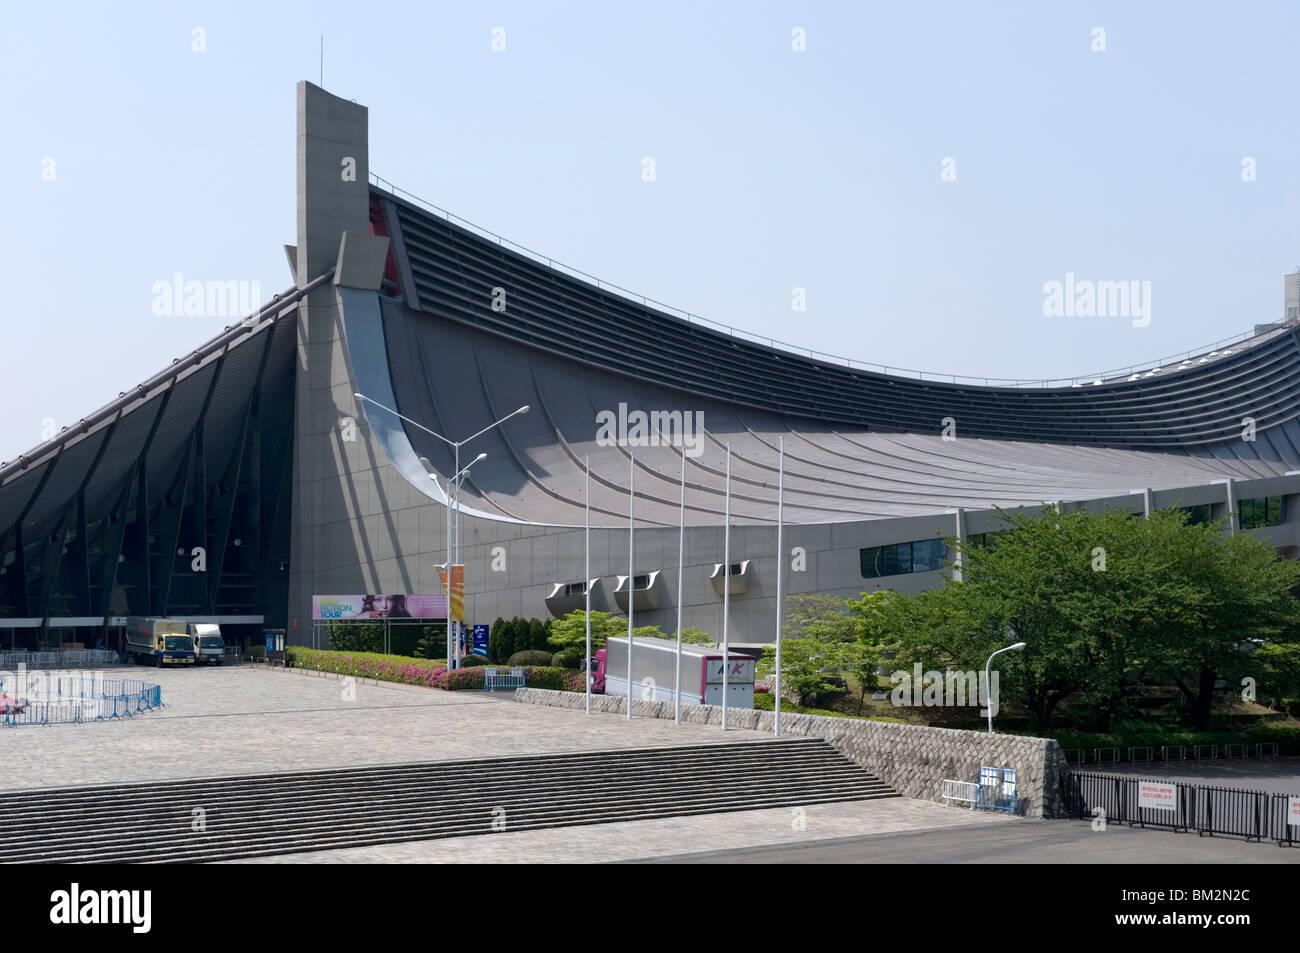 Estadio Nacional Yoyogi en Shibuya, diseñado por el arquitecto Kenzo Tange para los Juegos Olímpicos de Verano de 1964, Tokio, Japón Foto de stock